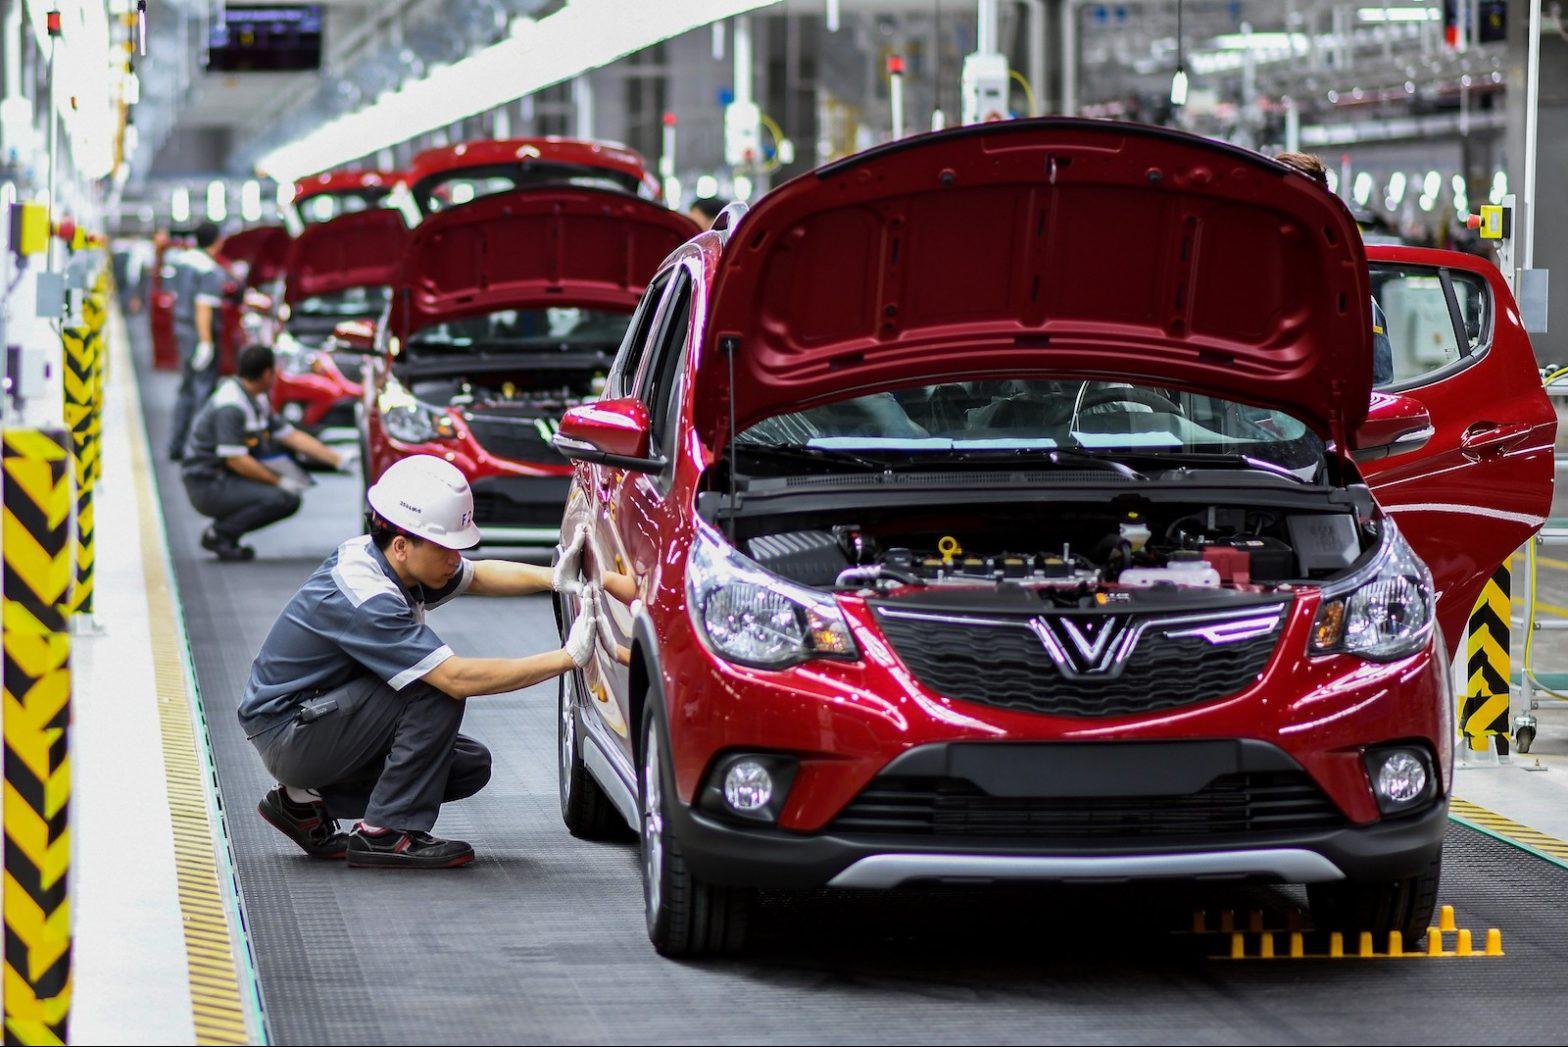 Vietnam-Vinfast-Autos-Factory-Industry-Haiphong-June-2019-e1564471836692-1568x1047